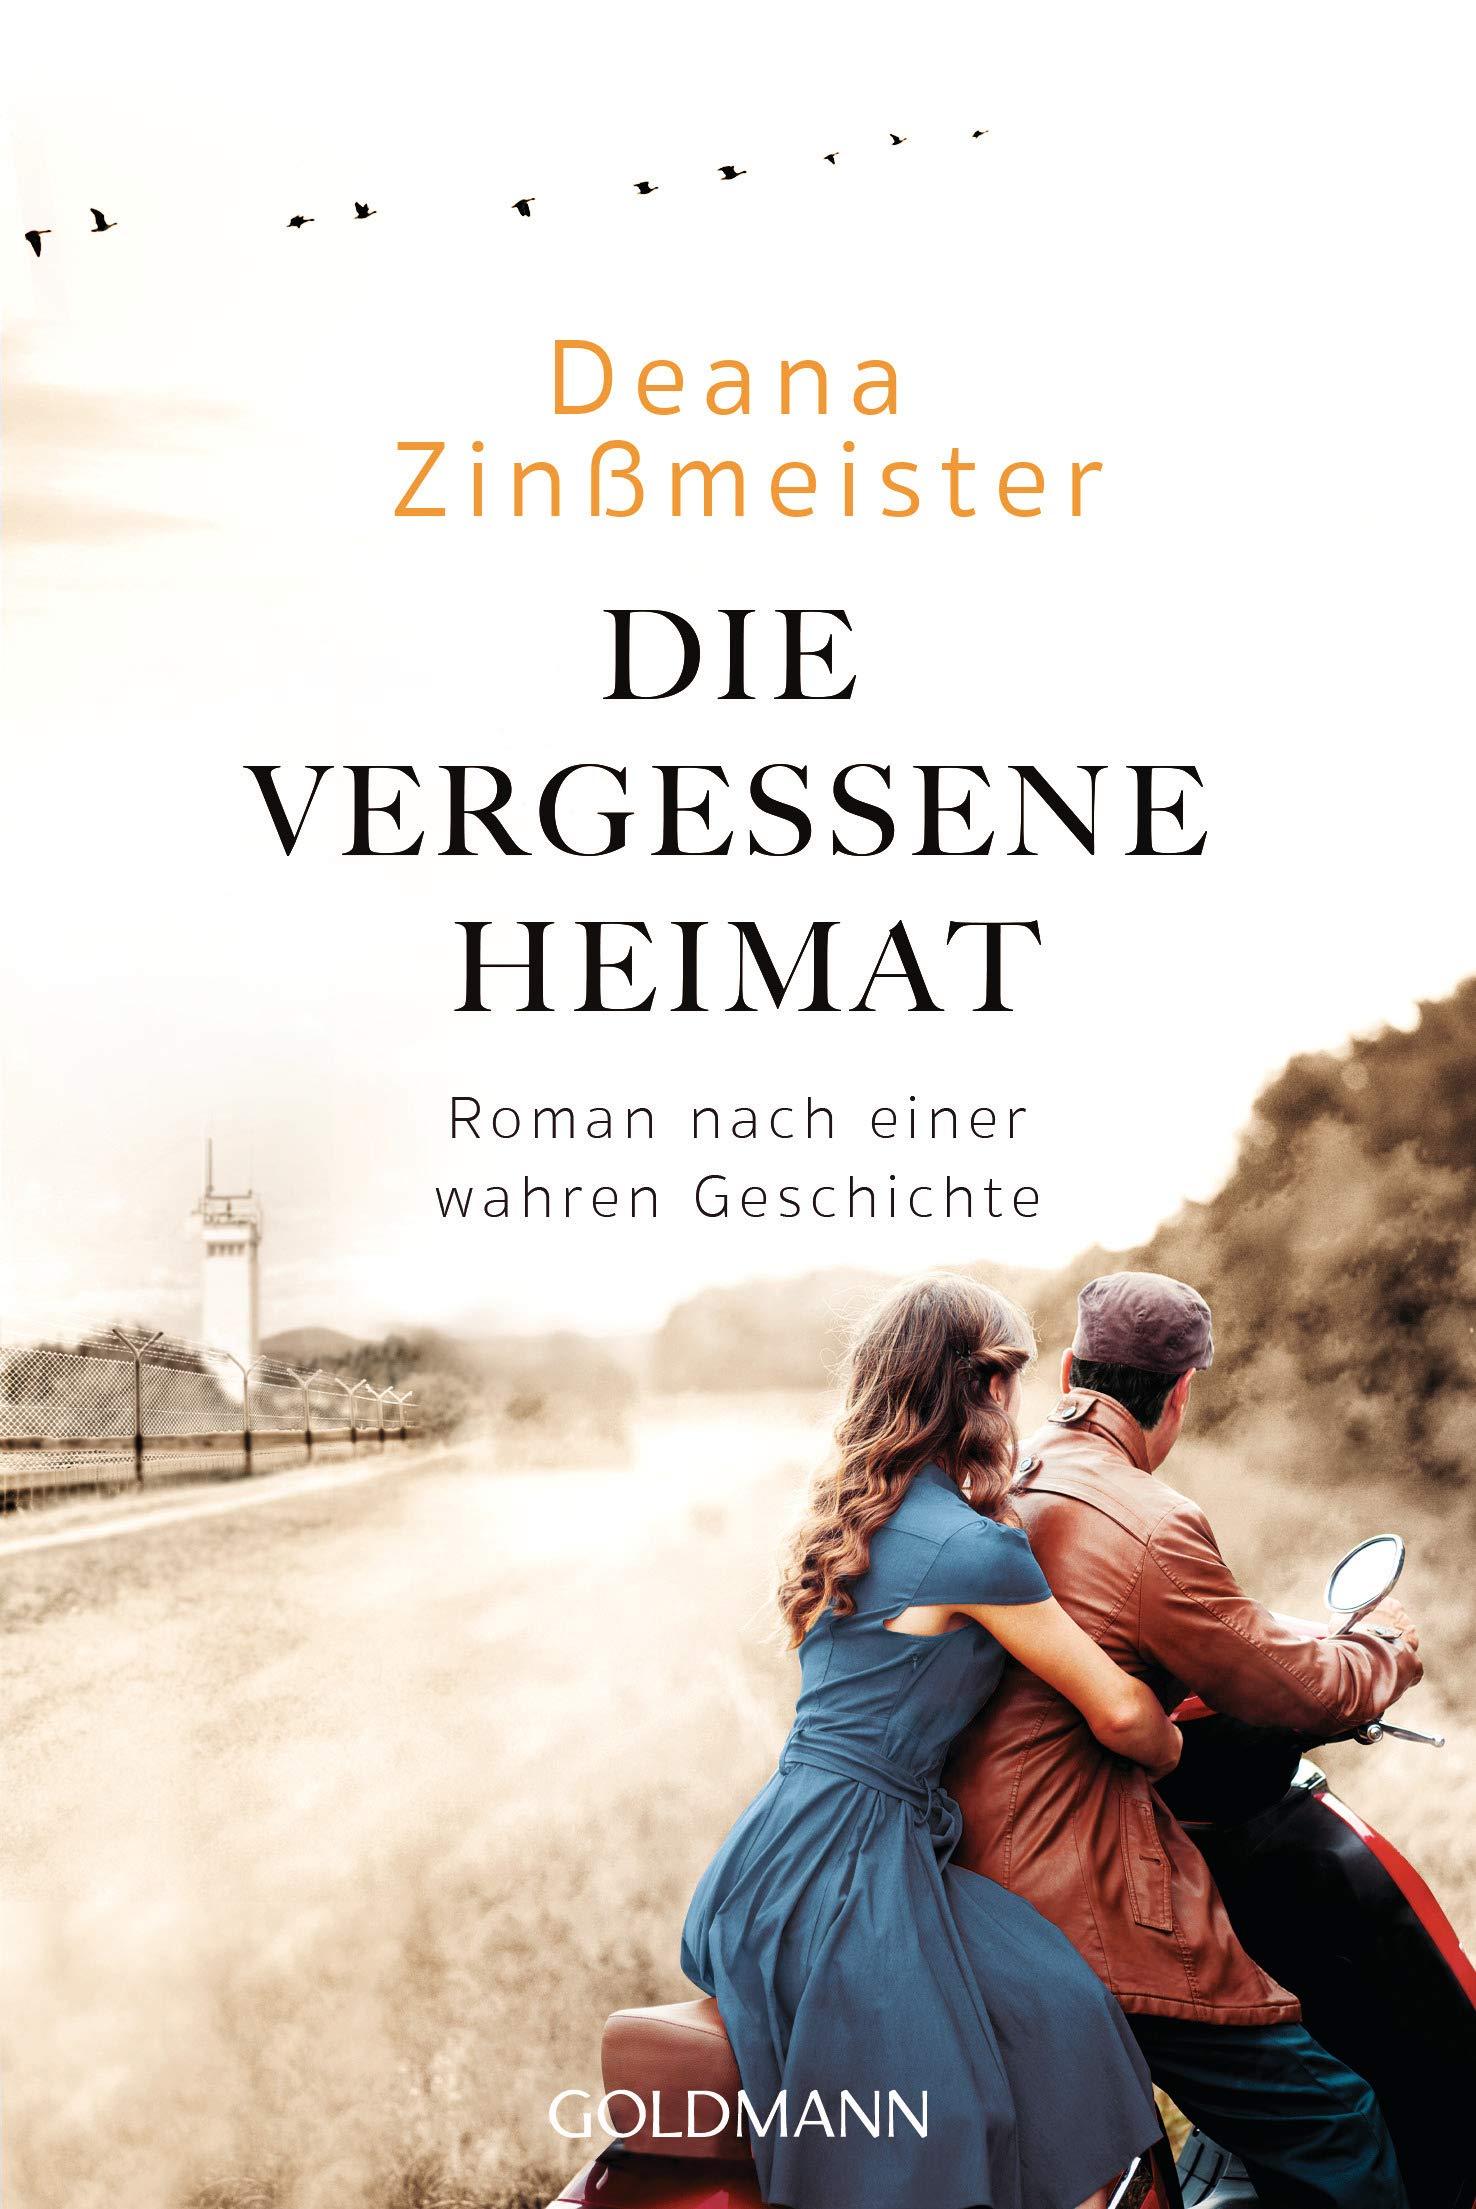 Die Vergessene Heimat Roman Nach Einer Wahren Geschichte Amazon De Zinssmeister Deana Bucher